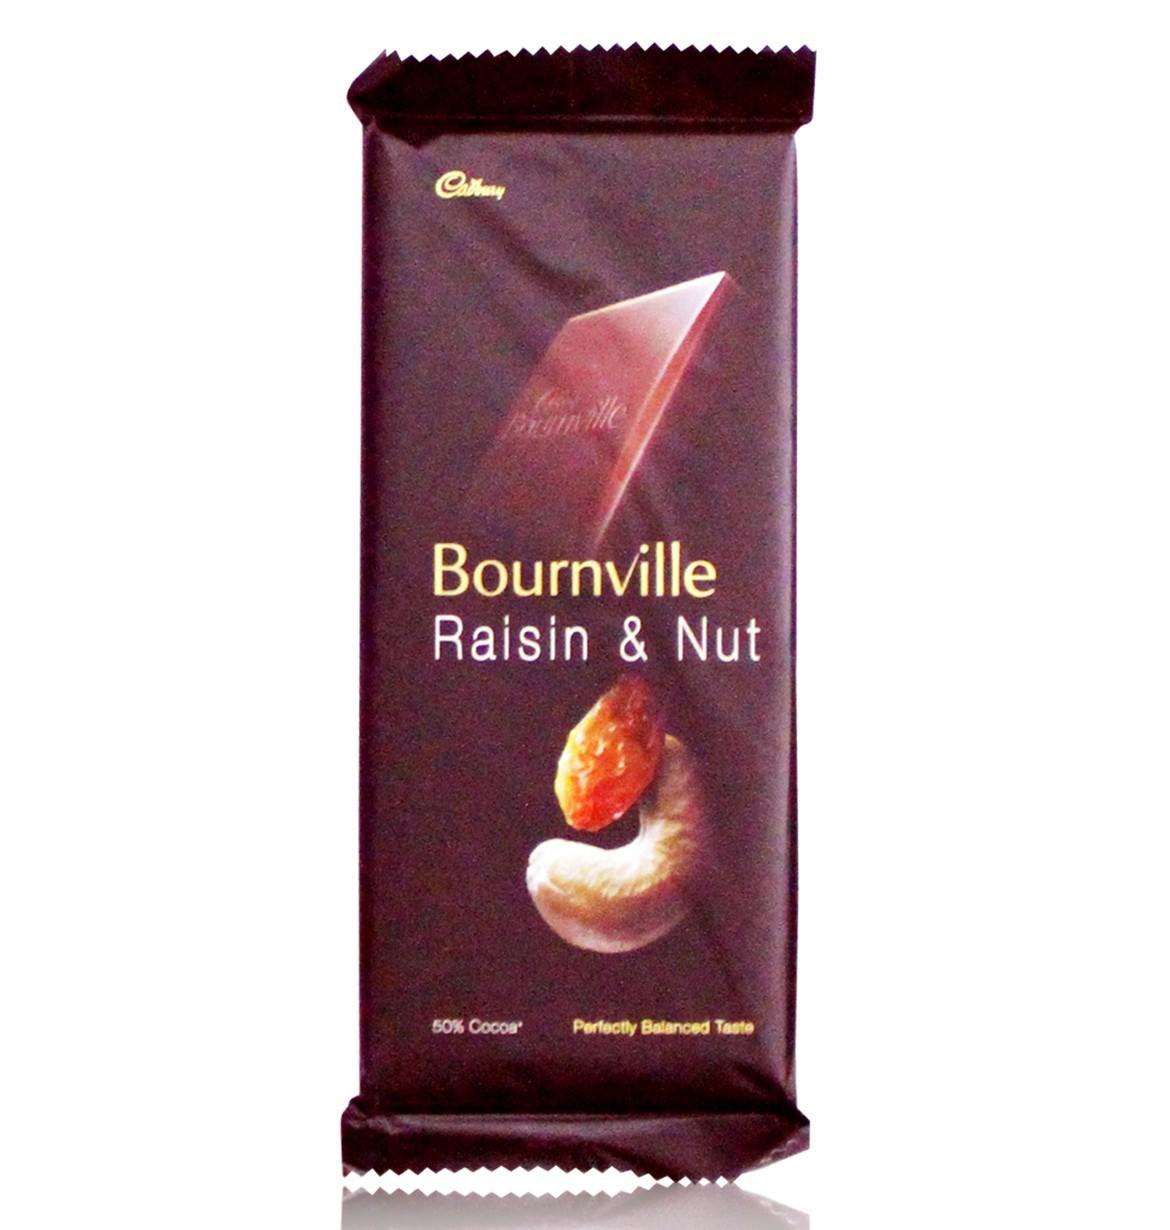 Cadbury Bourneville Nut & Raisin Image